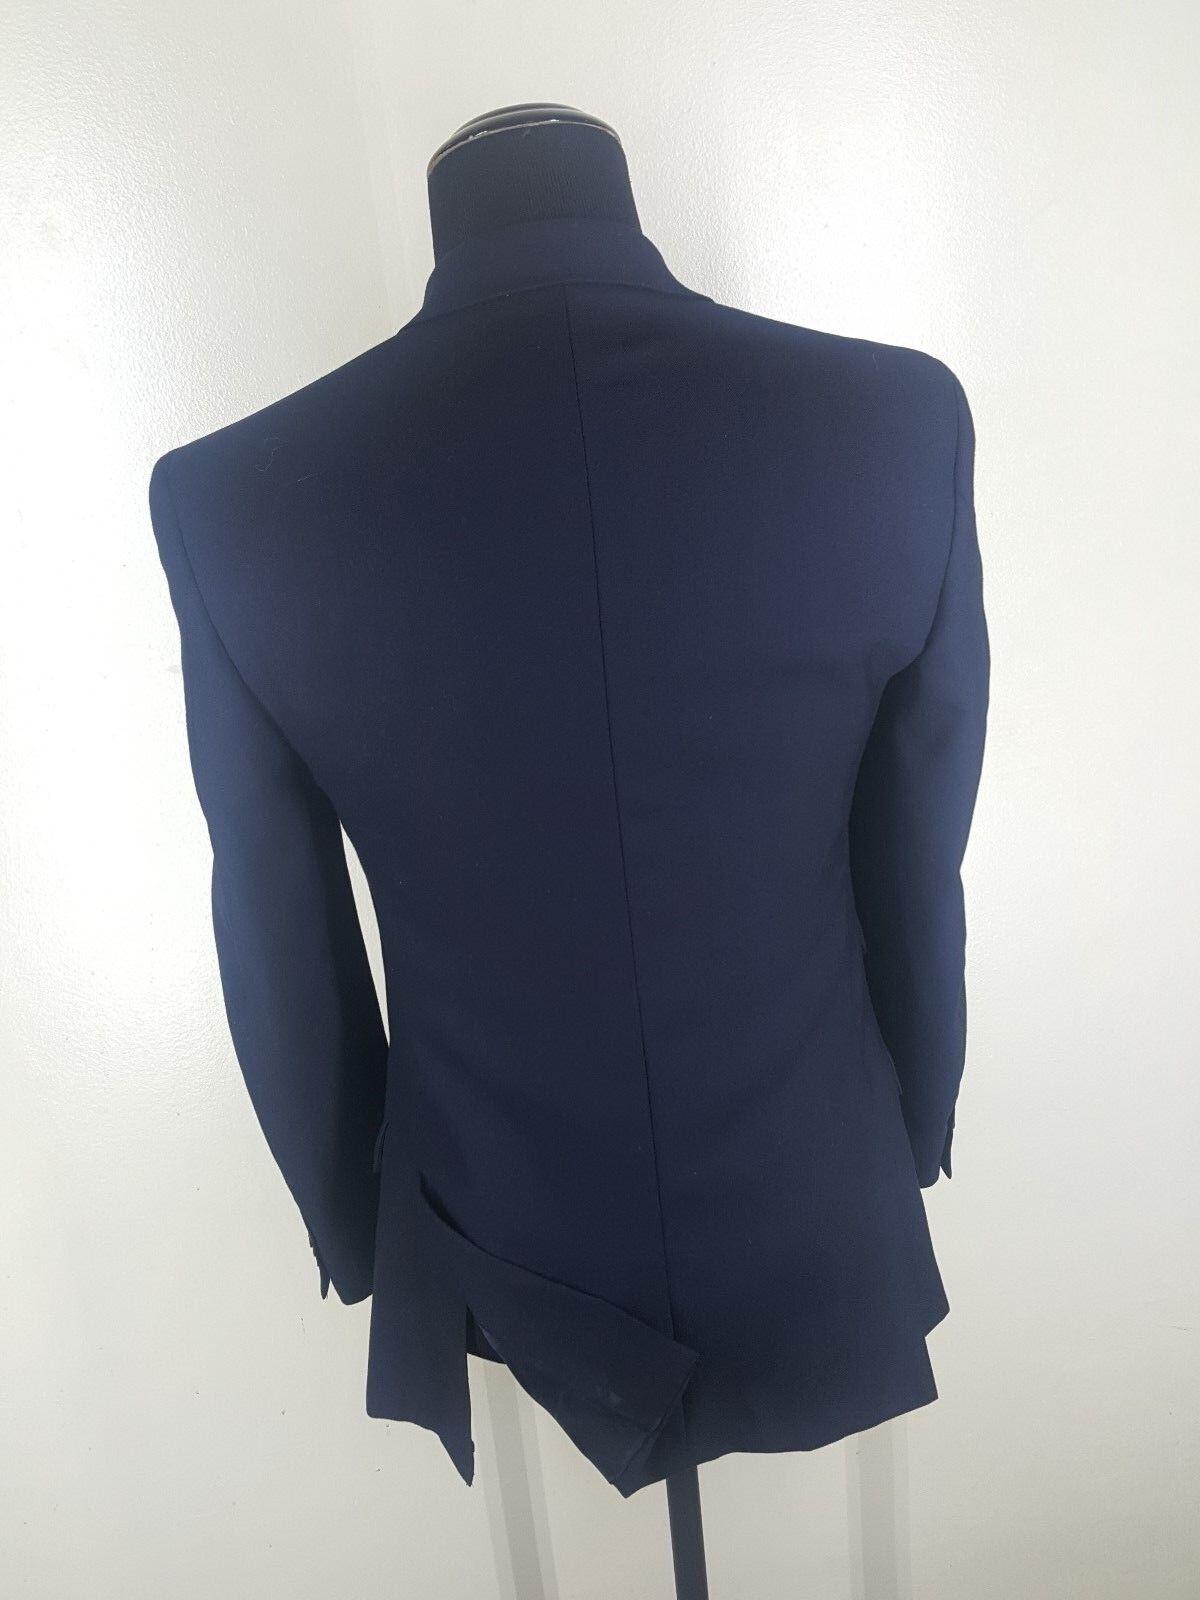 T.M. blu LEWIN  blu T.M. Blazer 3 Btn Side Vents 100% Wool 40R  Fit 38-40 Reg 85466b